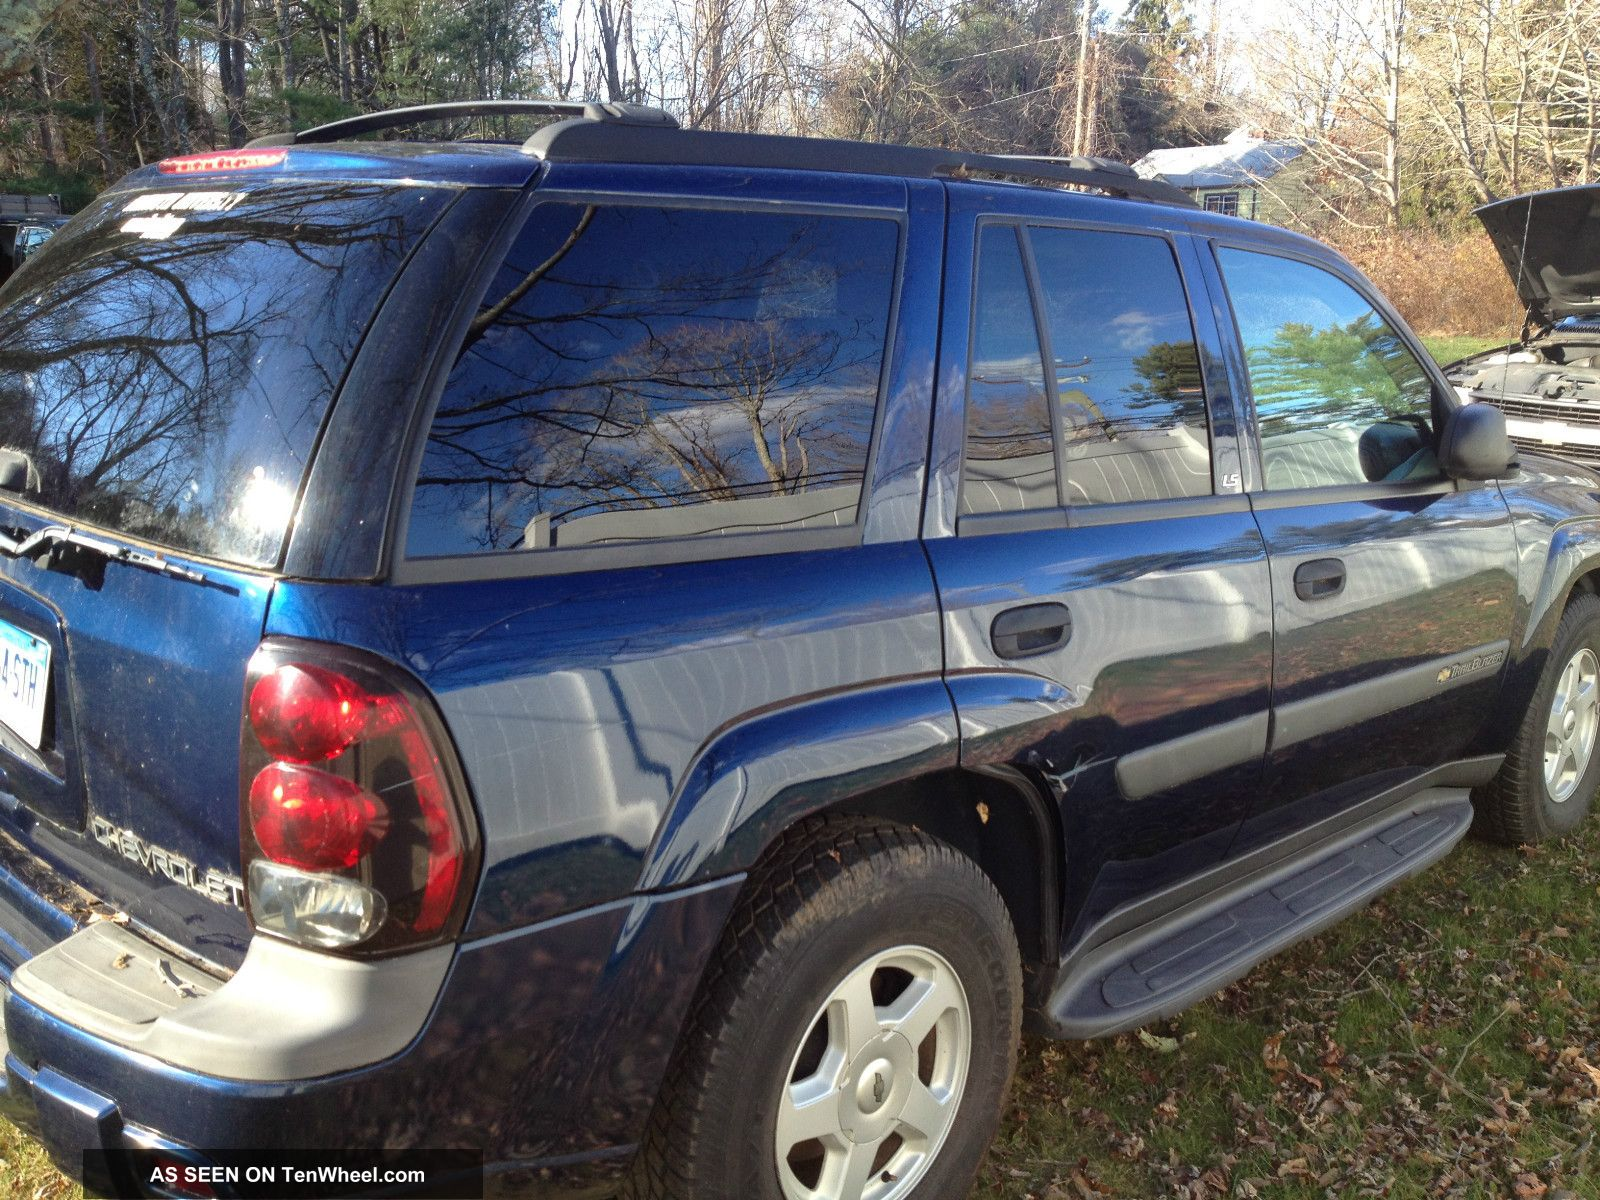 2003 Chevrolet Trailblazer Blue